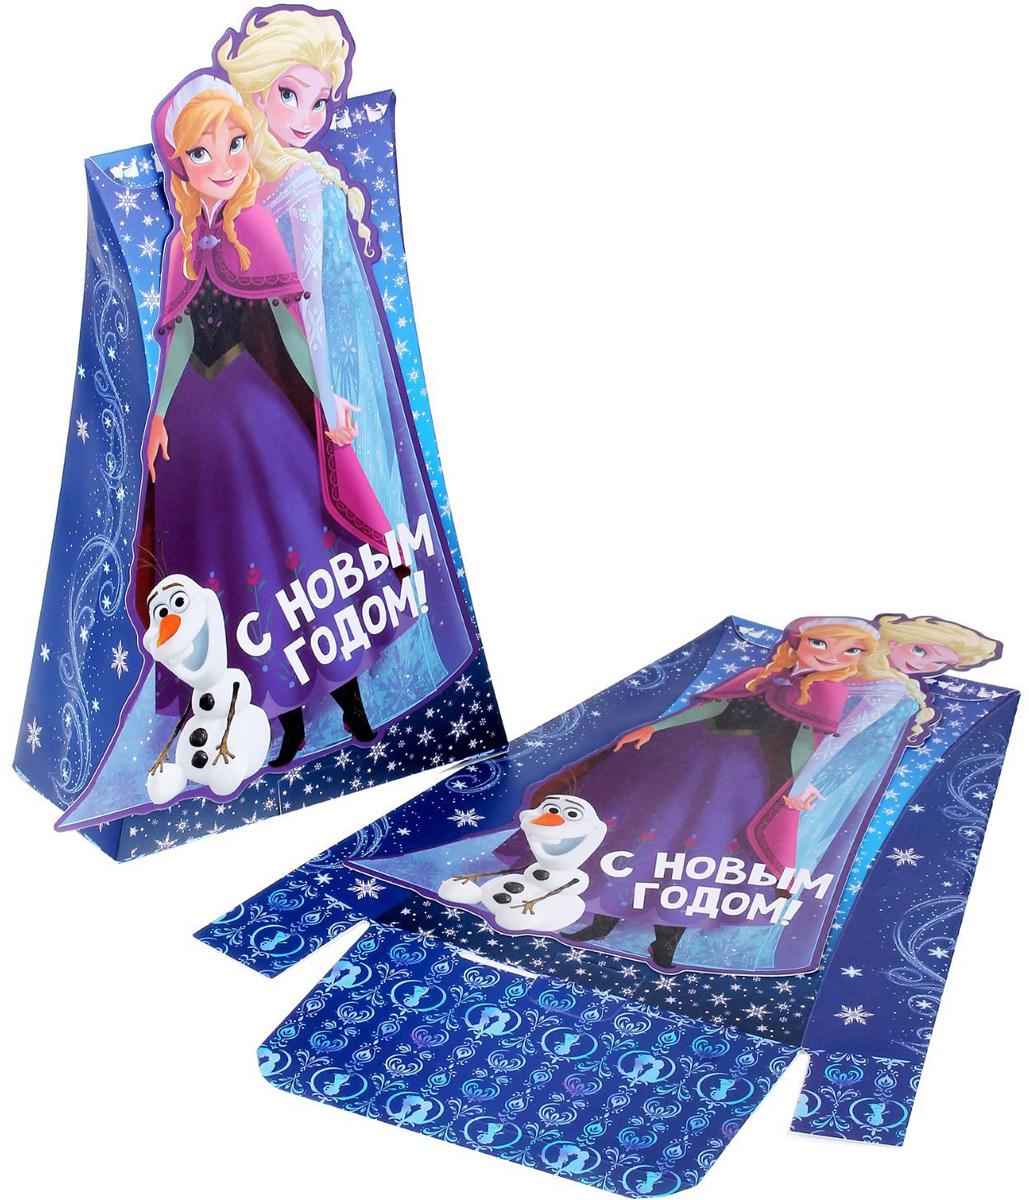 Коробка складная Disney Зимний лабиринт. Холодное сердце, 15,5 х 24 х 8 см1398654Коробка складная Disney Зимний лабиринт. Холодное сердце выполнена из картона. Любой подарок начинается с упаковки. Что может быть трогательнее и волшебнее, чем ритуал разворачивания полученного презента. И именно оригинальная, со вкусом выбранная упаковка выделит ваш подарок из массы других. Она продемонстрирует самые теплые чувства к виновнику торжества и создаст сказочную атмосферу праздника. Размер коробки в сложенном виде: 15,5 х 24 х 8 см.